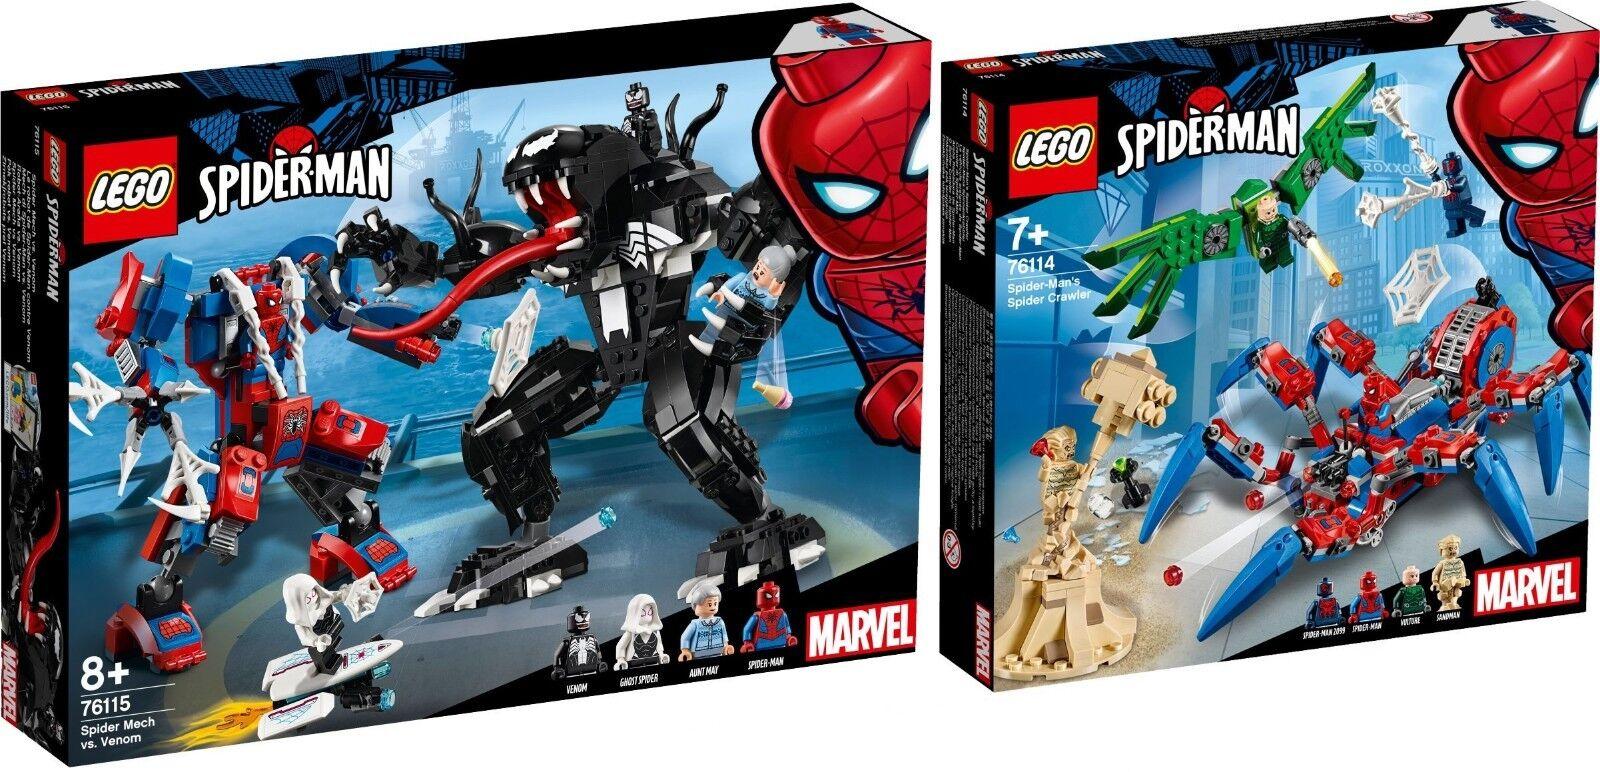 LEGO SUPER HEROES 76114 76115 SPIDER uomo spinnenkrabbler n12 18   servizio onesto